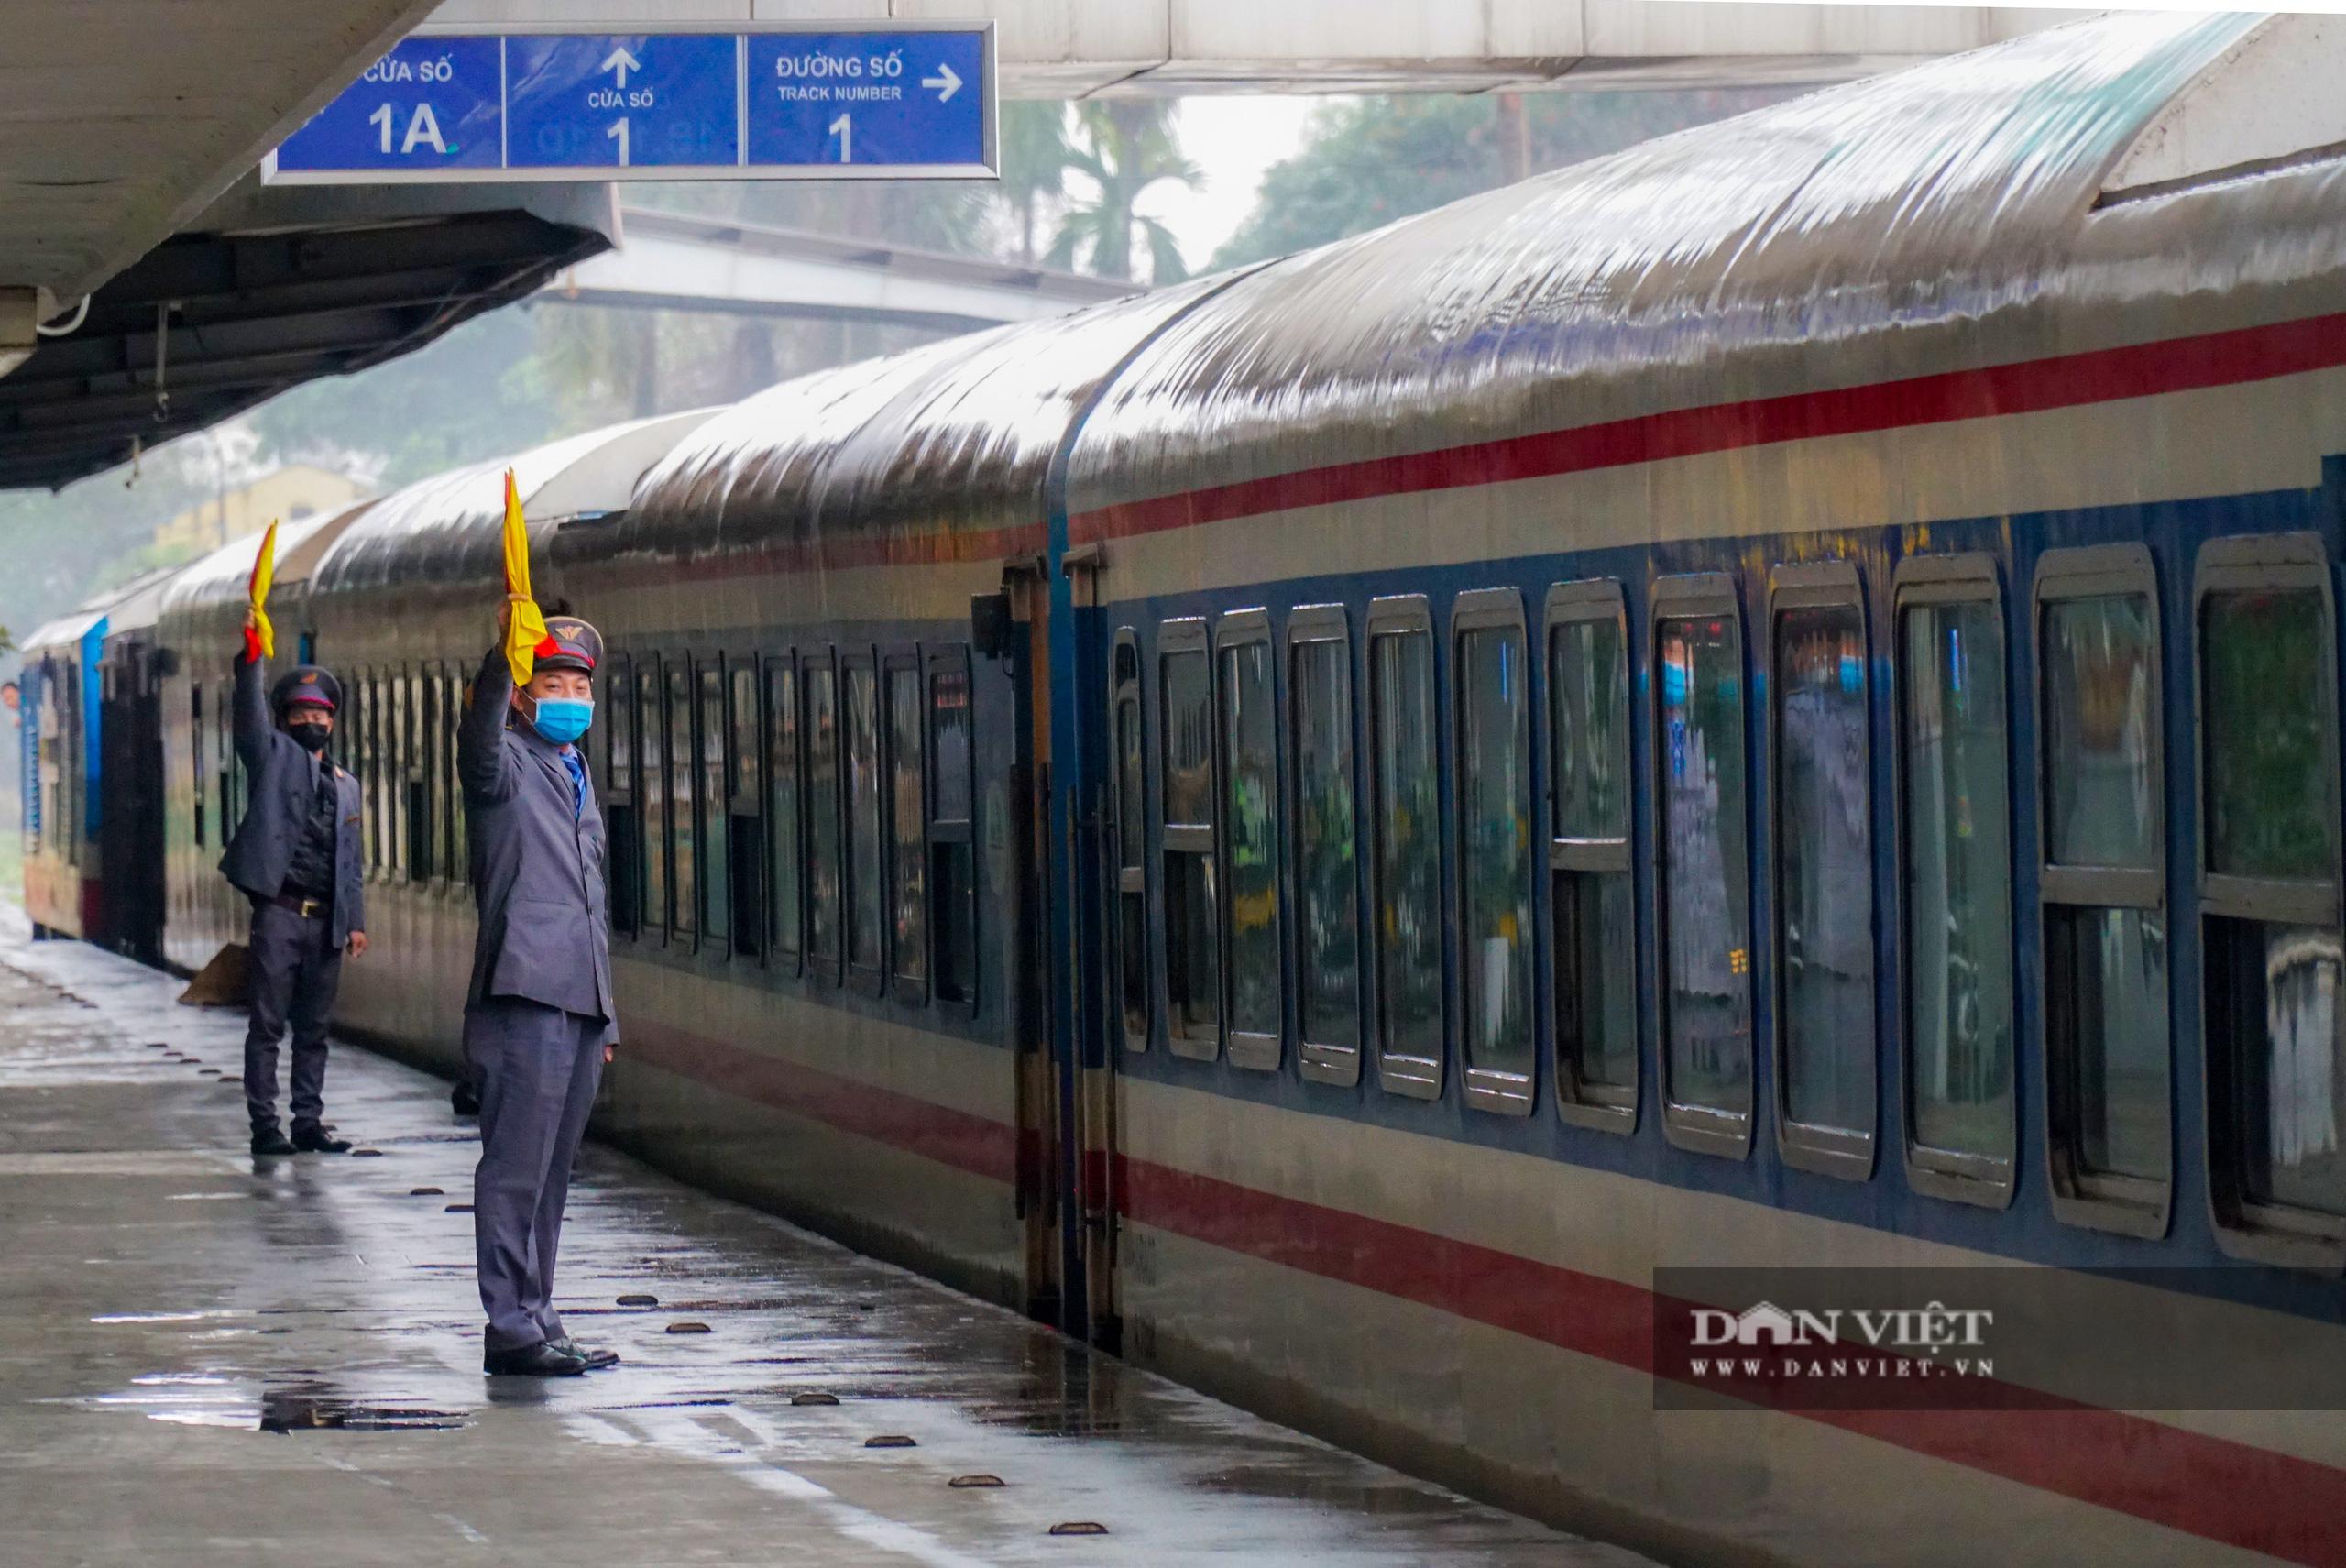 Bến xe ế ẩm khách di chuyển, ga tàu vắng hoe vì Covid-19 - Ảnh 8.